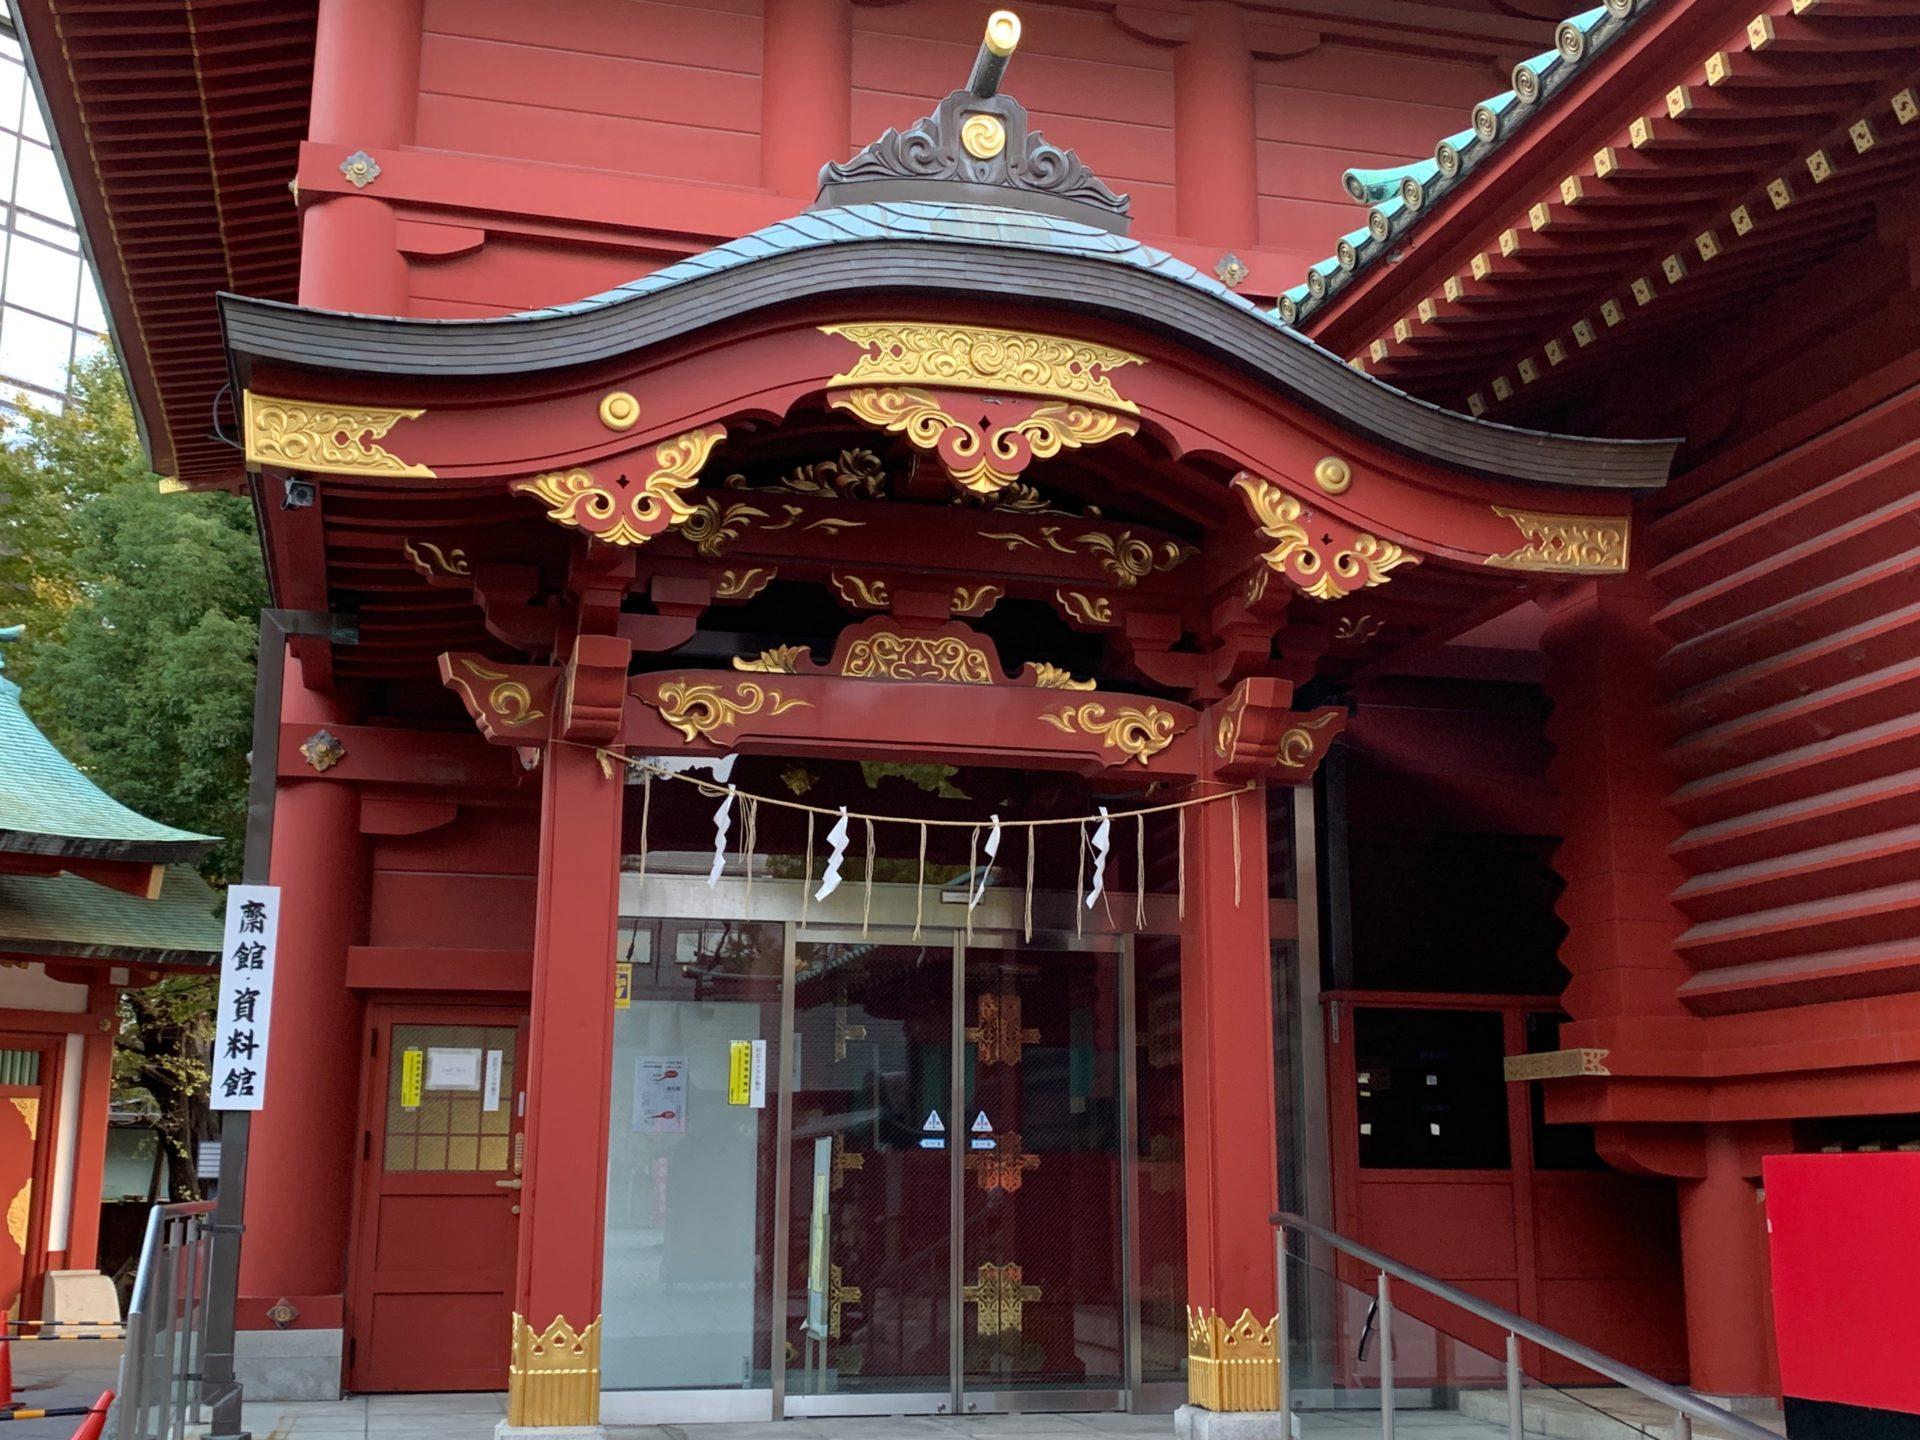 神田明神の祭祀殿(資料館)